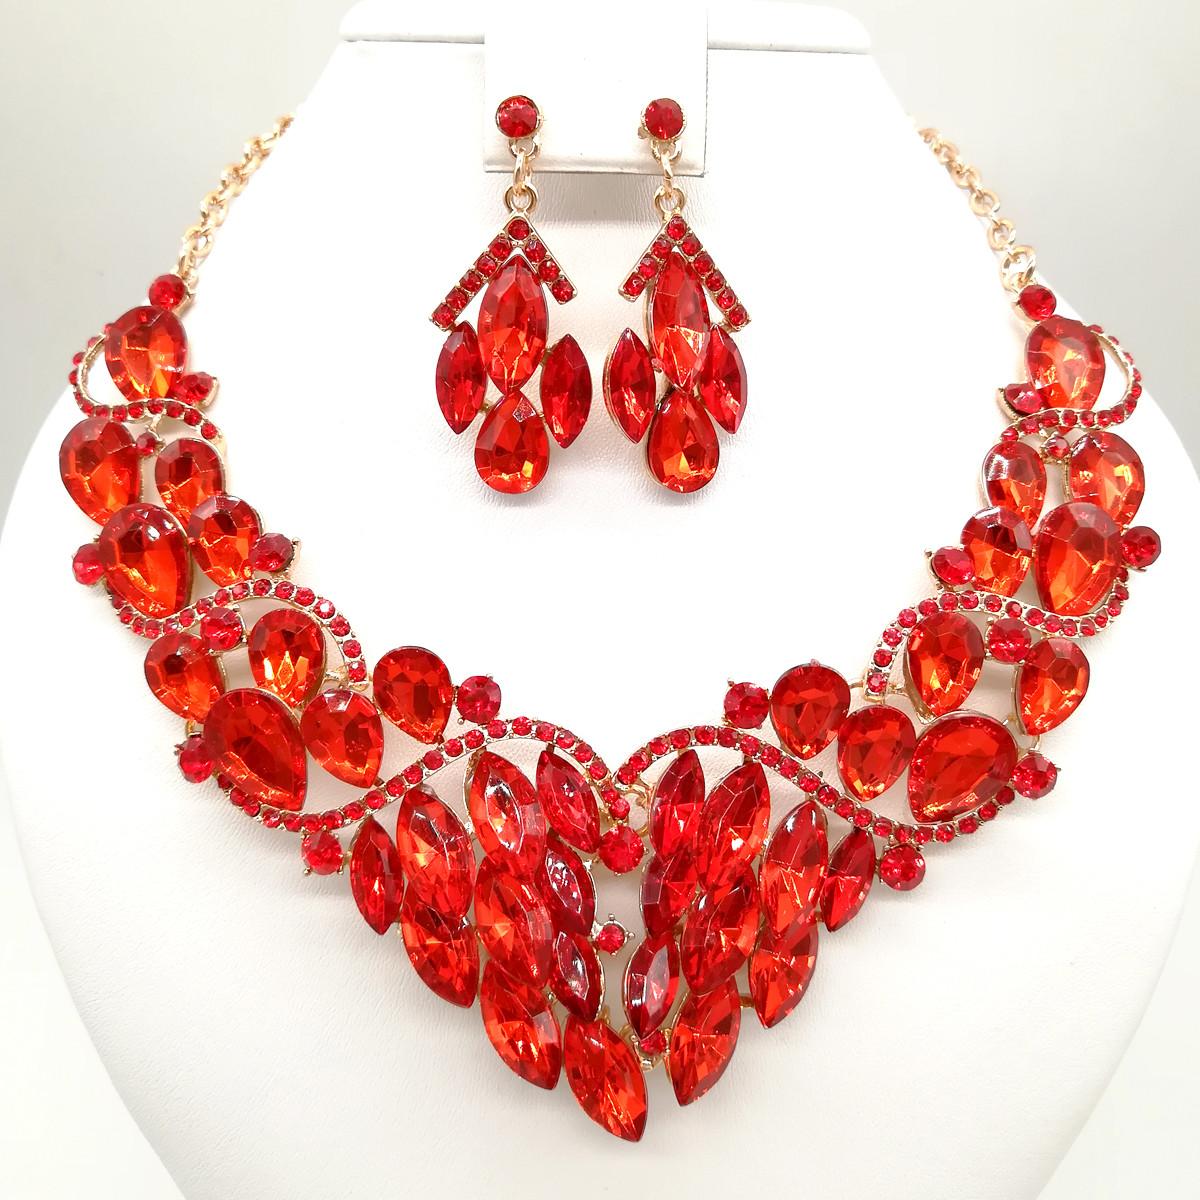 Комплект SONATA (Колье + серьги), красные камни, 63341       (1)